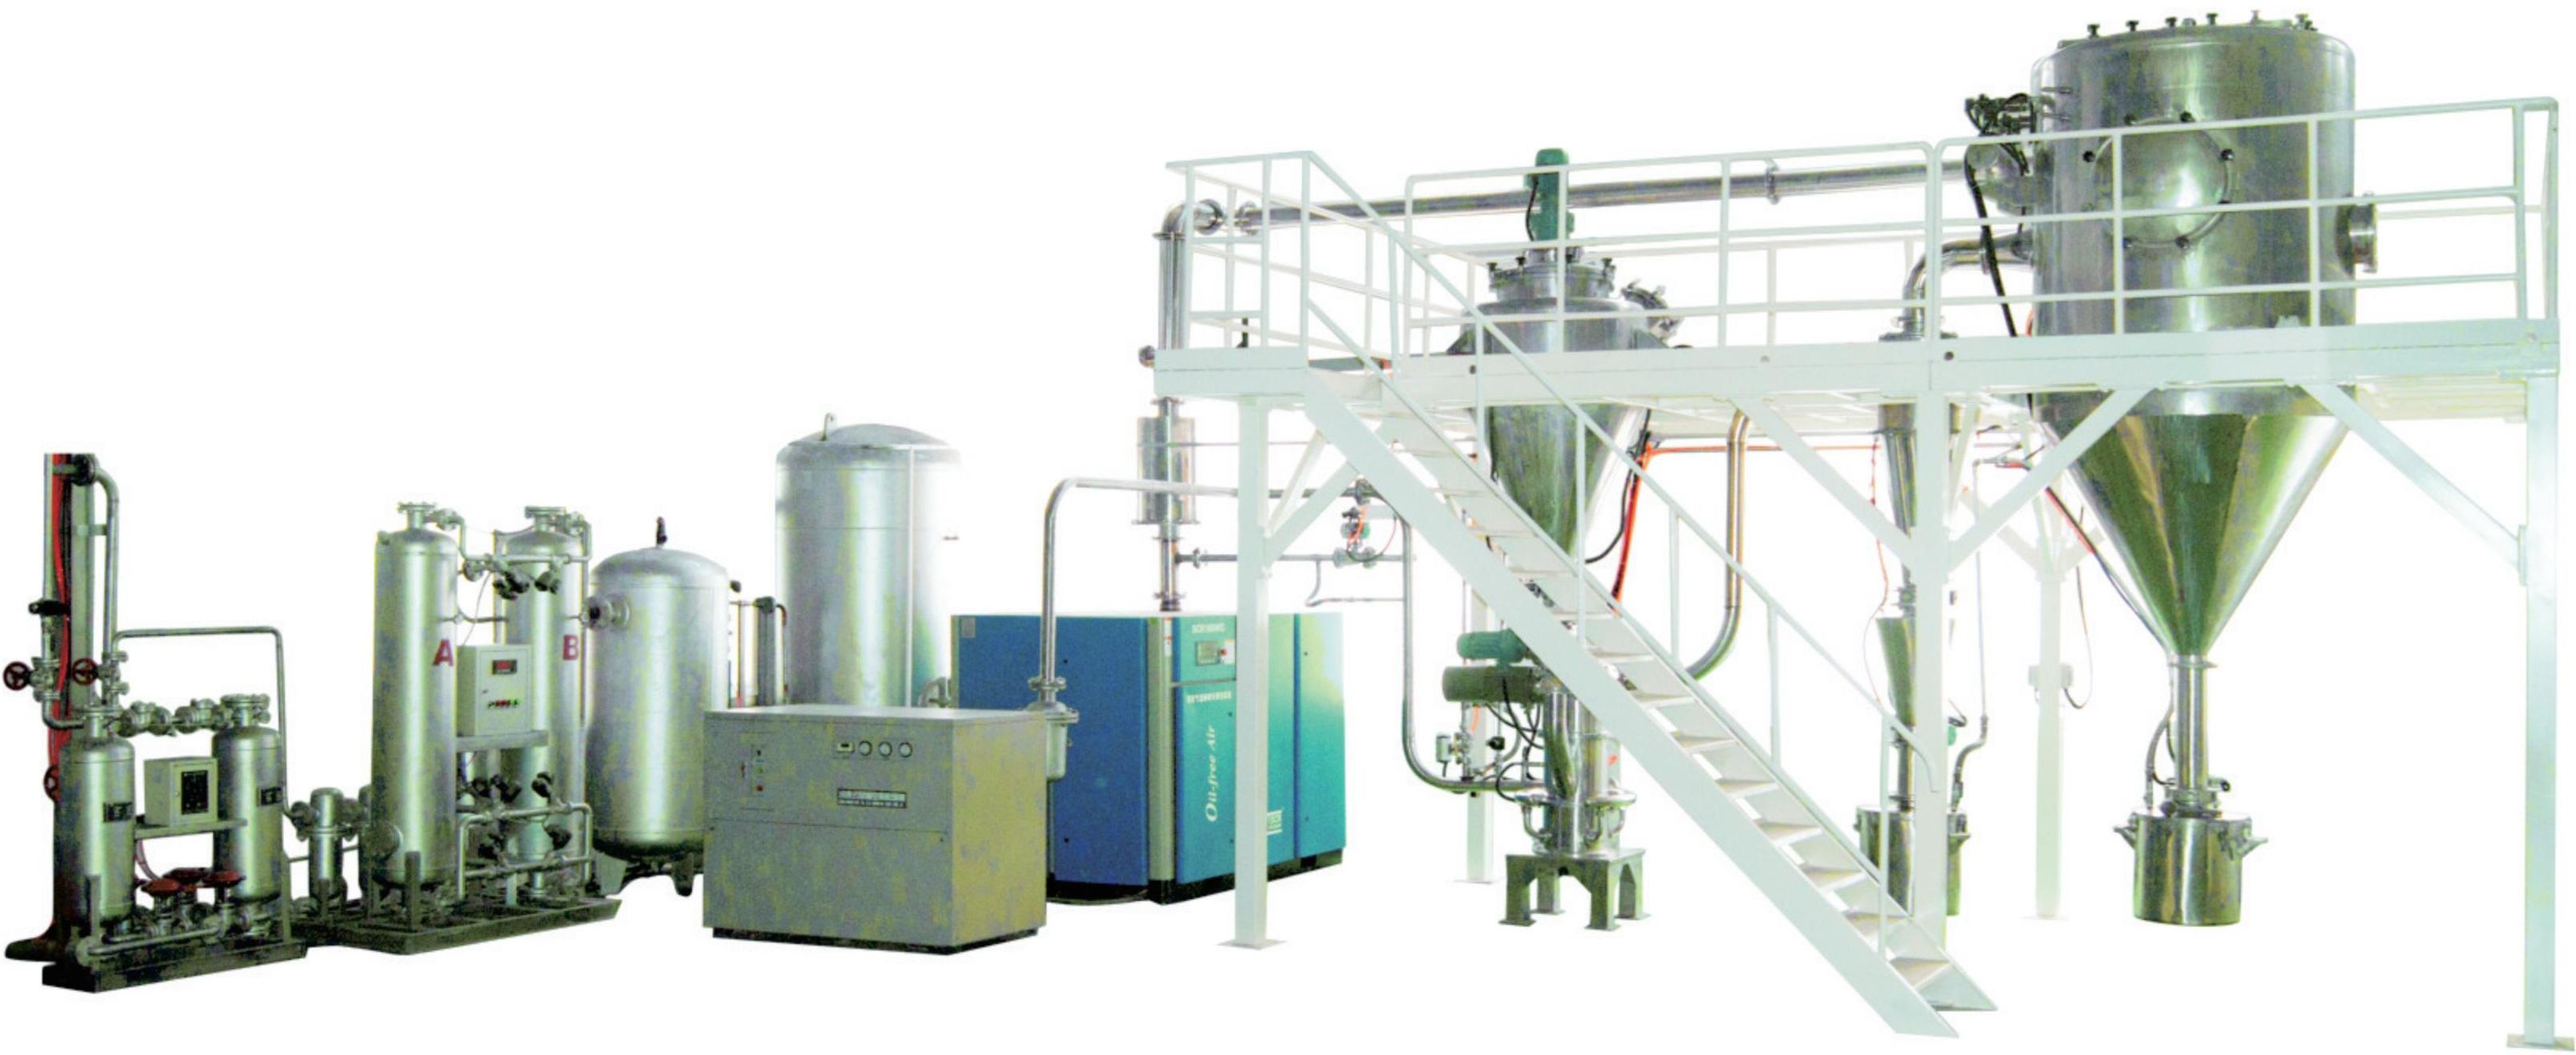 一款惰性气体保护气流粉碎机(安全防爆型)